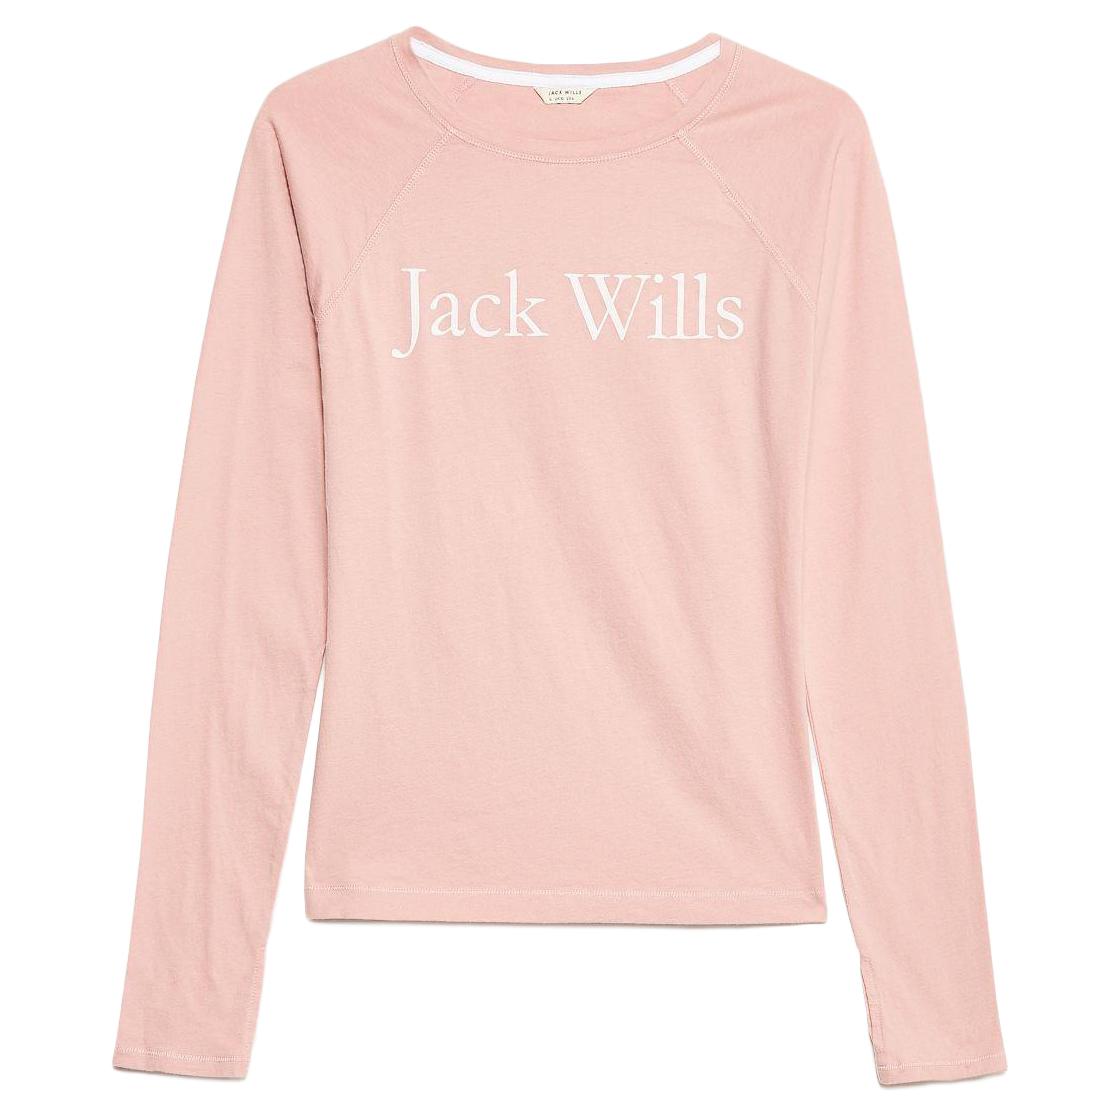 Jack Wills Women's Winstanley Heritage Long-Sleeve T-Shirt - Red, 14